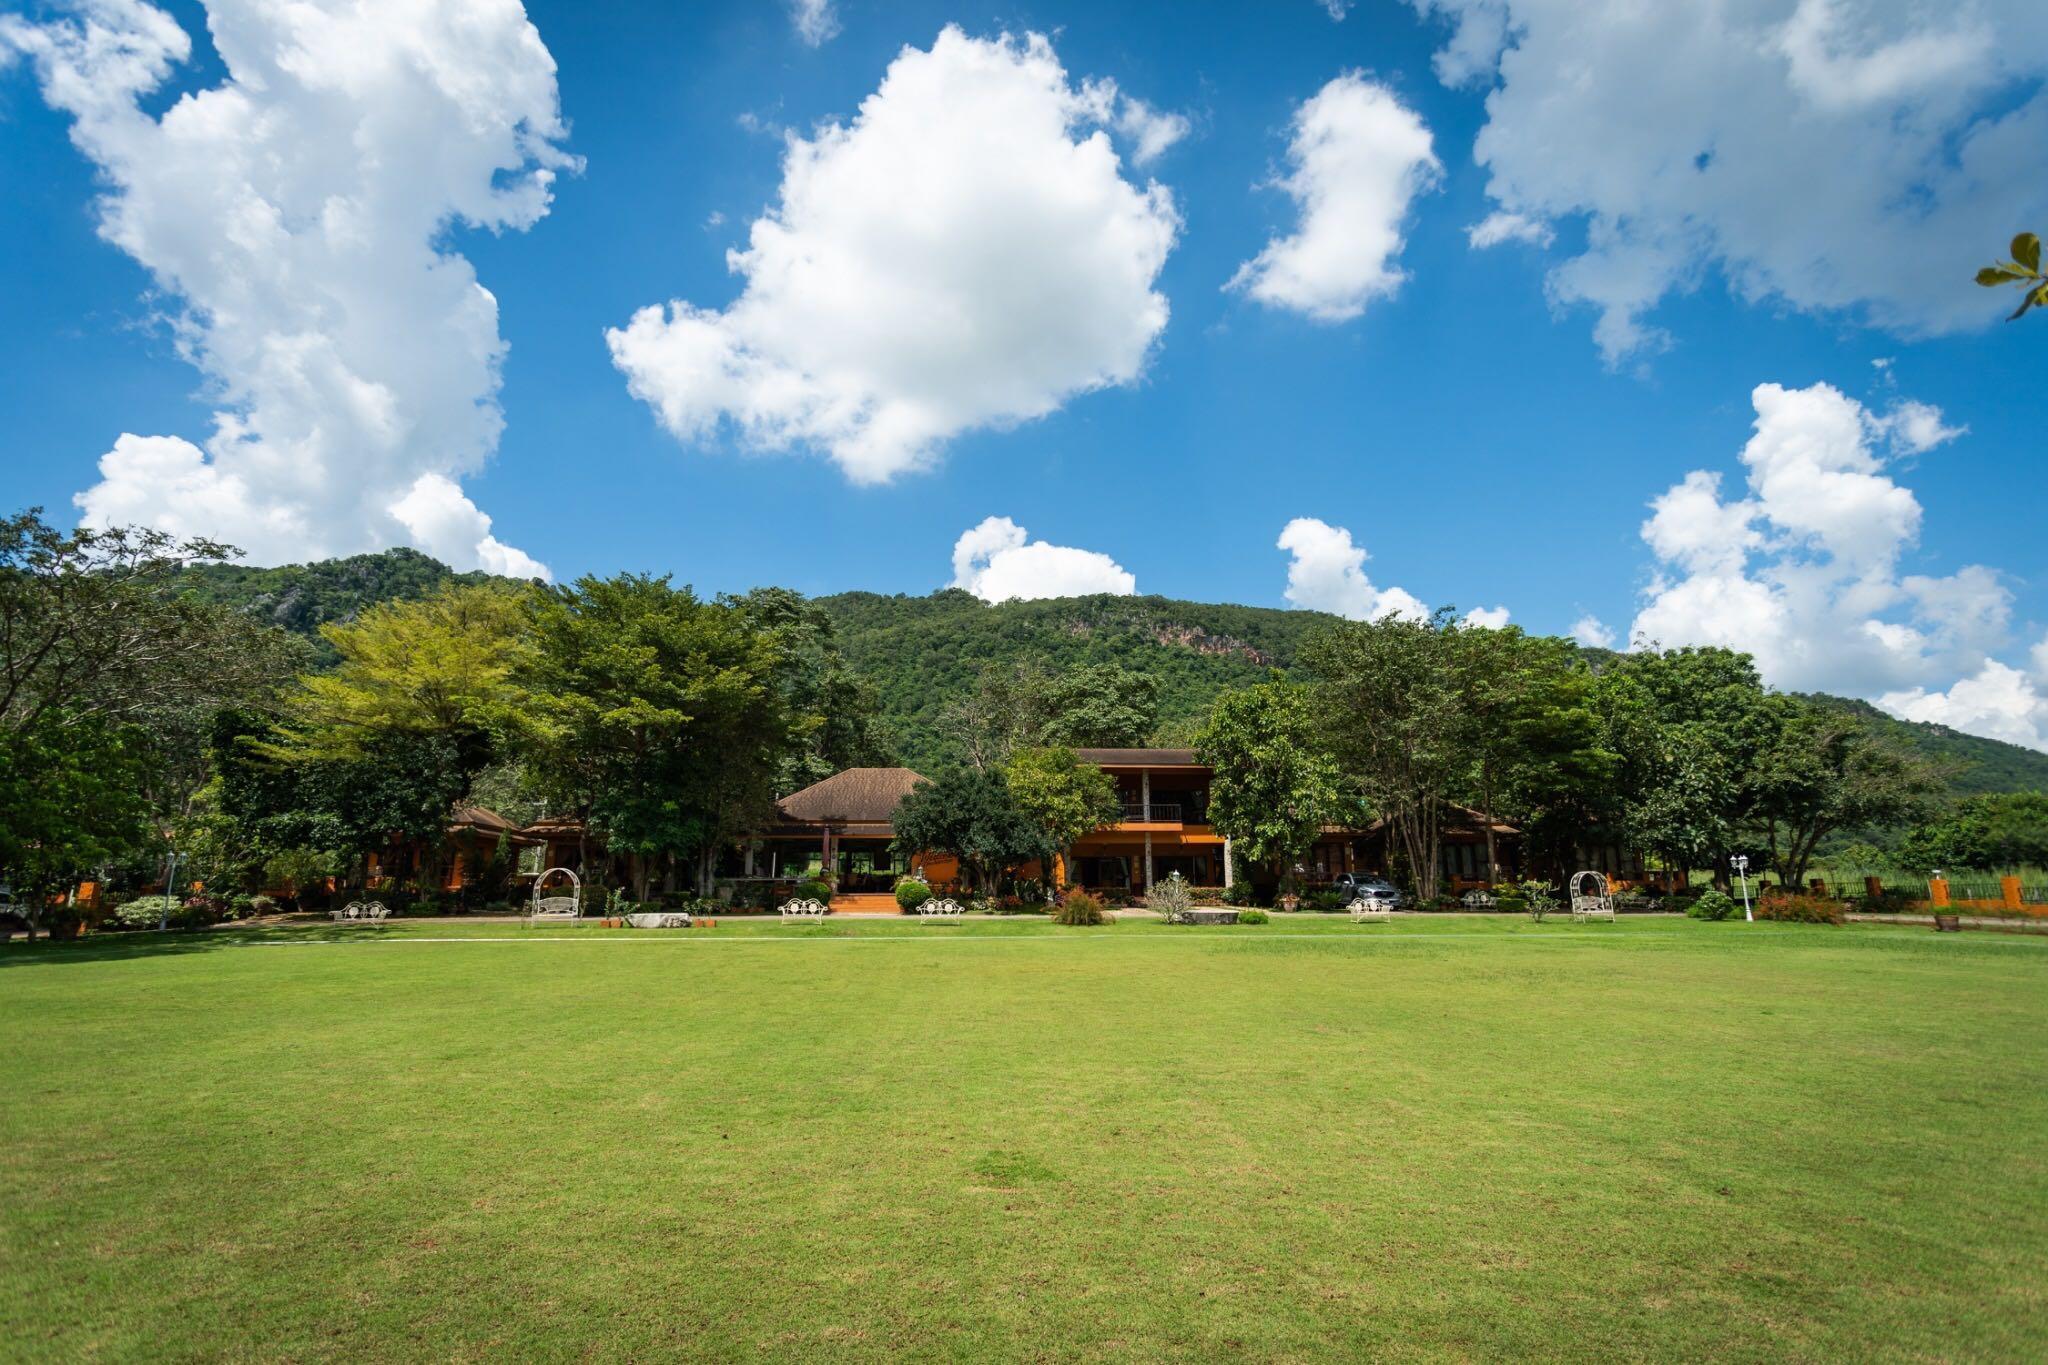 Phachuanchom Resort Khaoyai